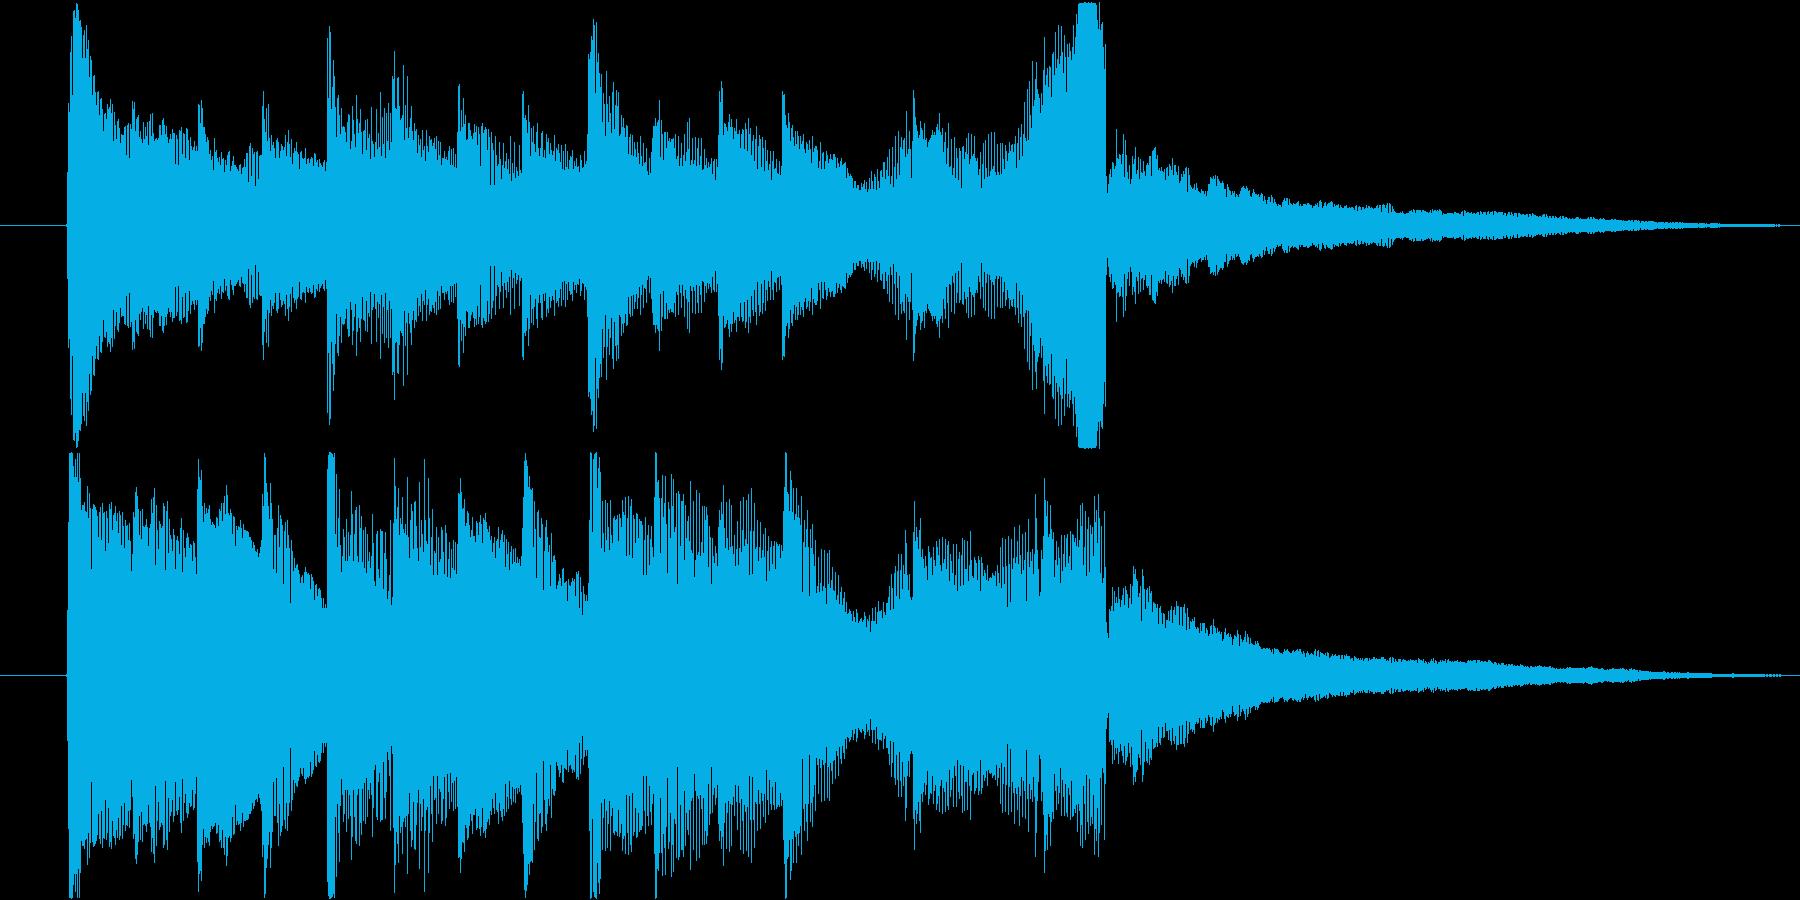 アコギとピアノで奏でるジングル#1の再生済みの波形